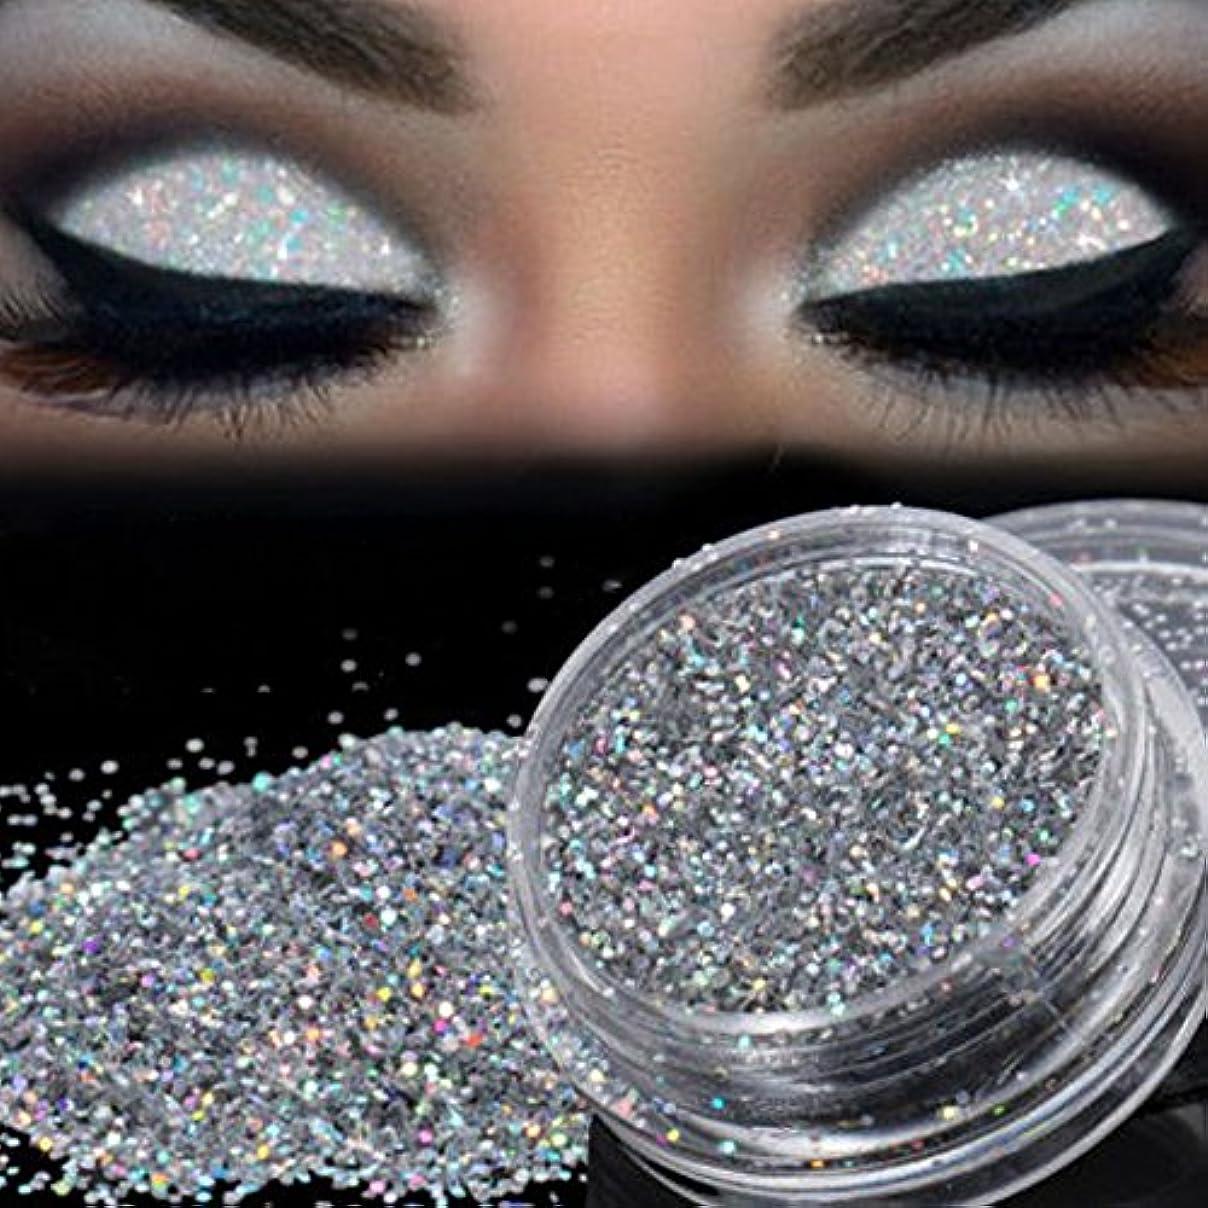 見落とす秋光沢2018新番 化粧品 アイシャドウ Timsa 欧米風 アイシャドーパウダー ダイヤモンドグリッター スパークリングアイズ 極め細い パウダーアイシャドウ 2色選択 (A)